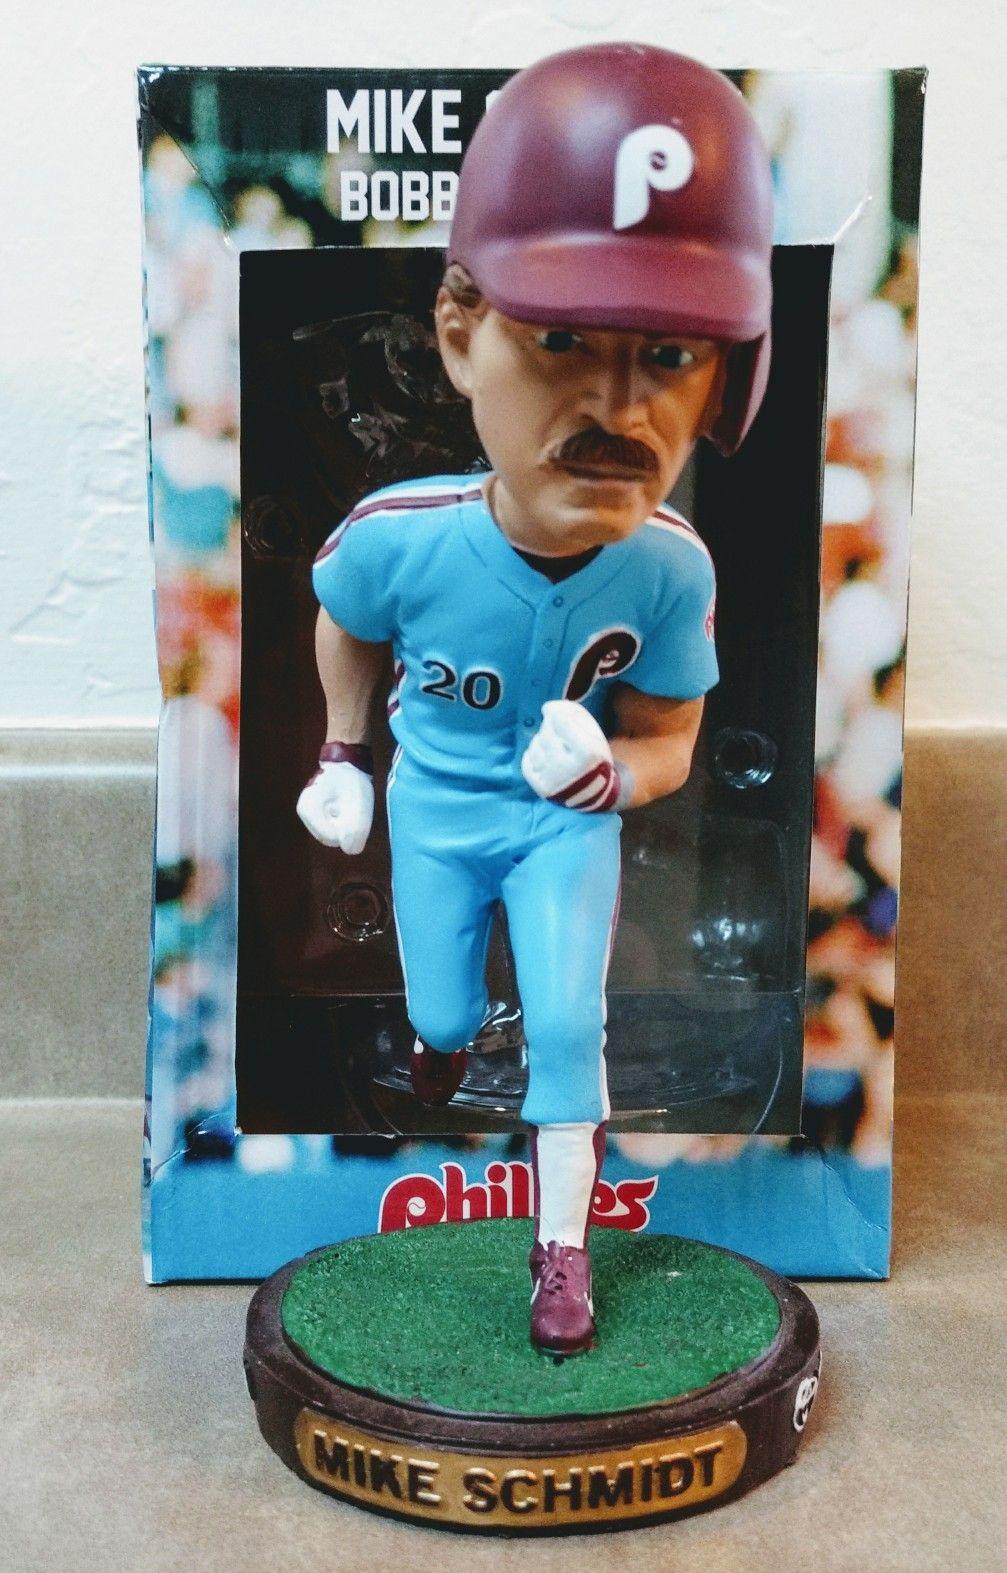 finest selection 5985e 42f44 Philadelphia Phillies Hall of Famer Mike Schmidt bobblehead ...